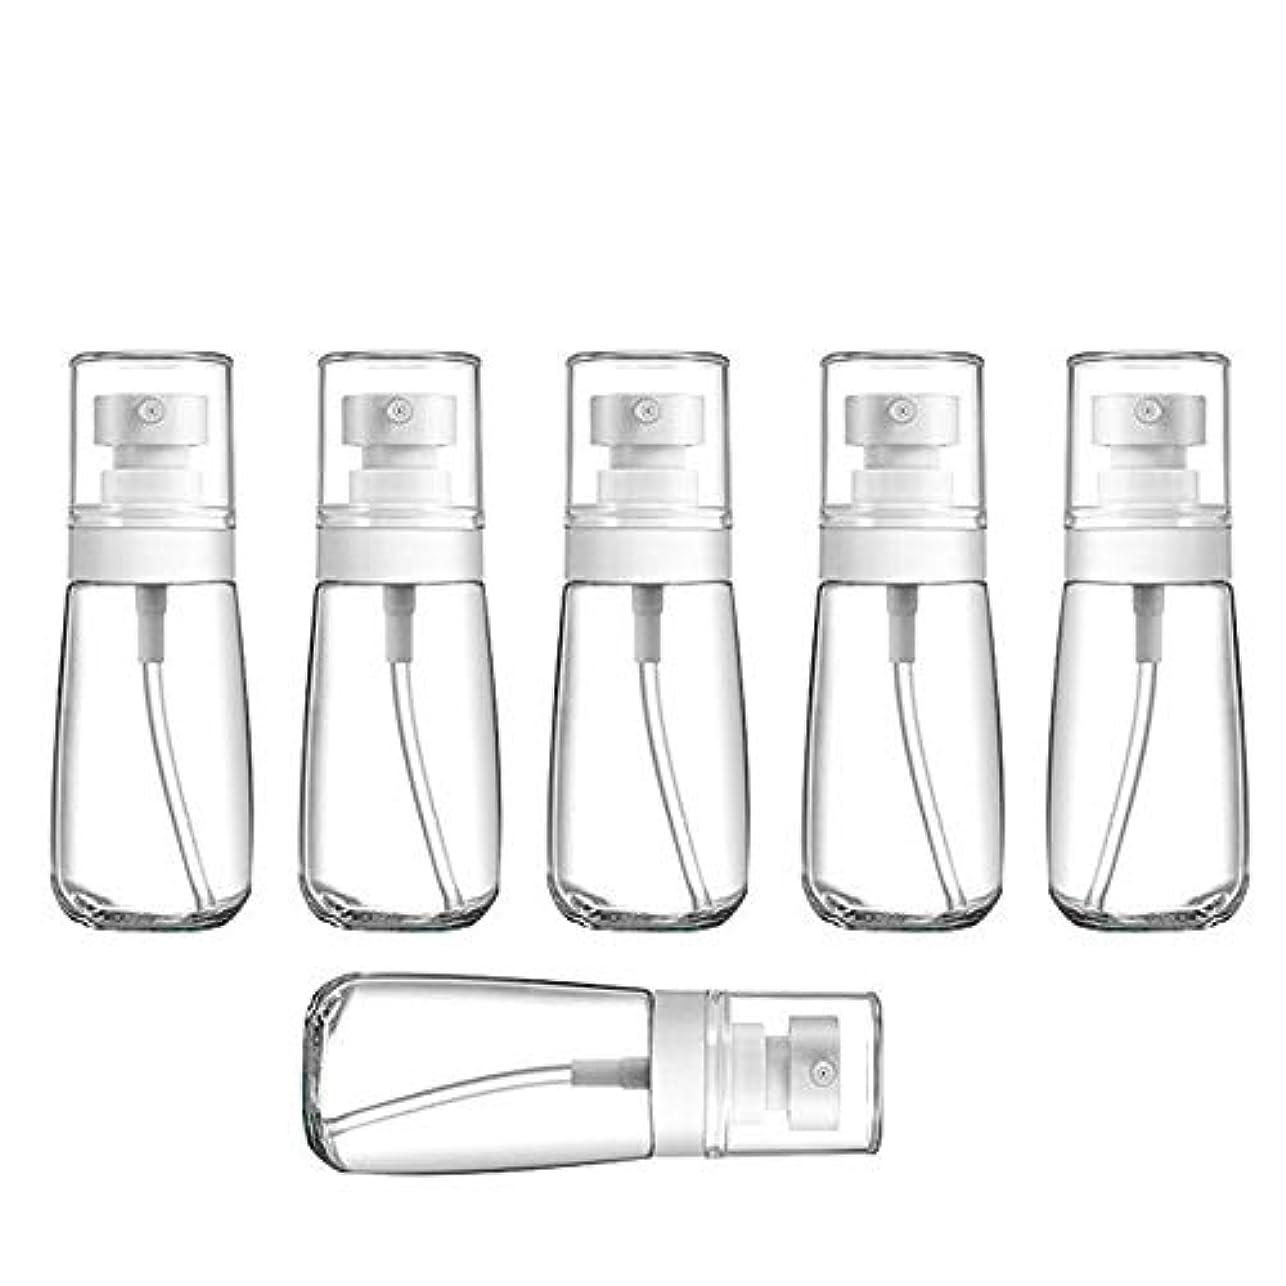 災難言うまでもなく日没YXC 良質の PETG小分けボトル トラベルボトル スプレーボトル 家に清潔消毒 緑の植物に水遣る 6本セット 日本小スプレーボトル 化粧水 詰替用ボトル 旅行用品 (60ML6本)